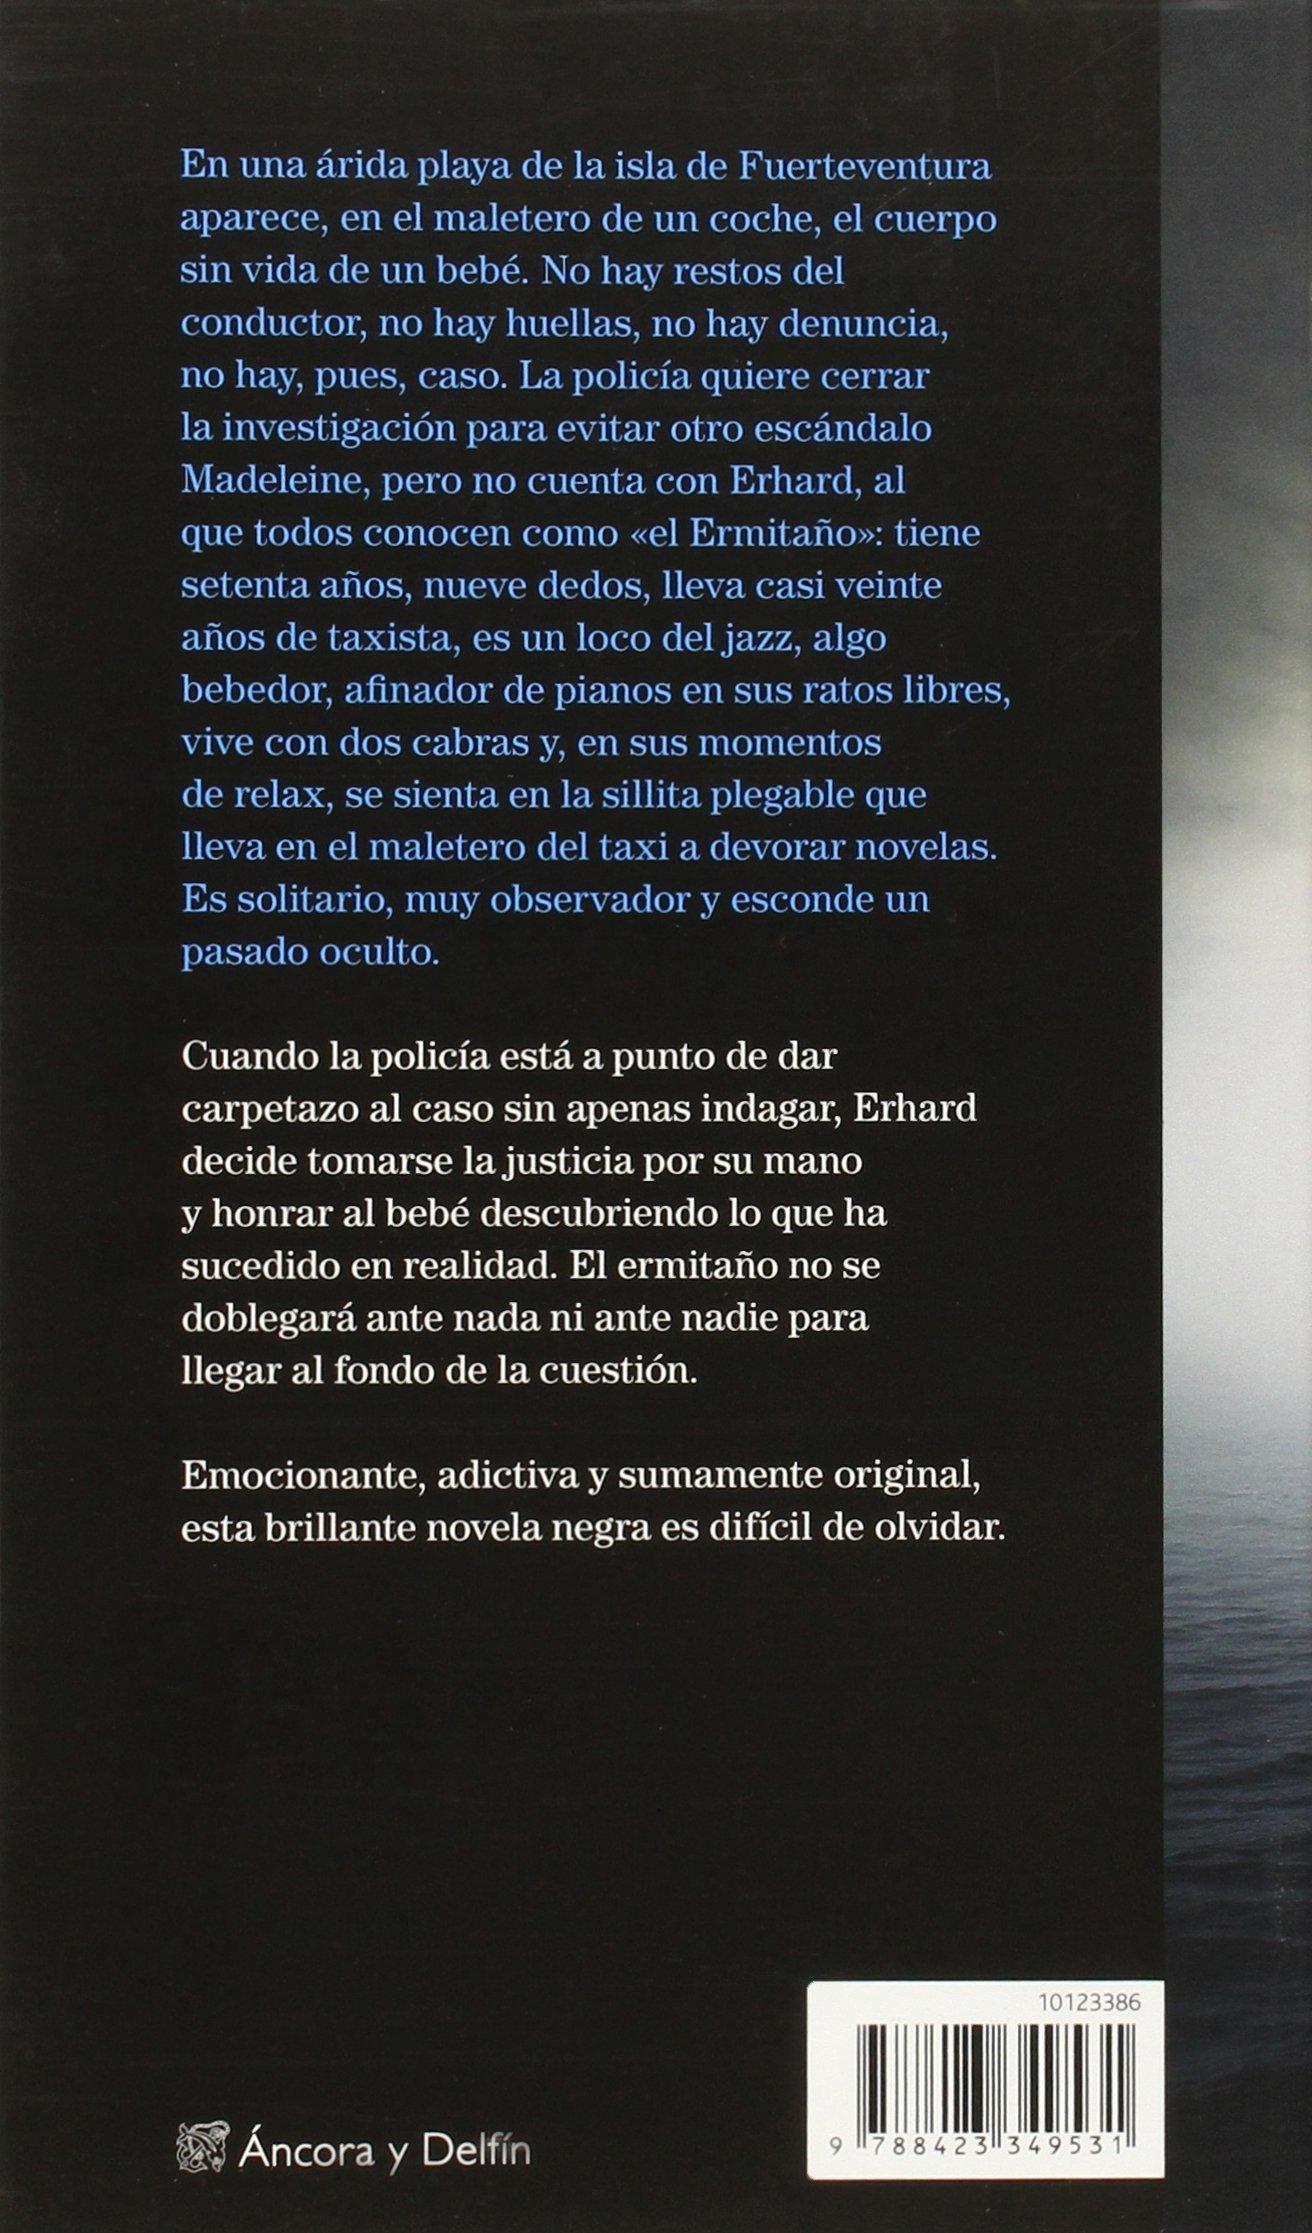 El ermitaño (Ancora Y Delfin): Amazon.es: Thomas Rydahl, Lisa Pram: Libros